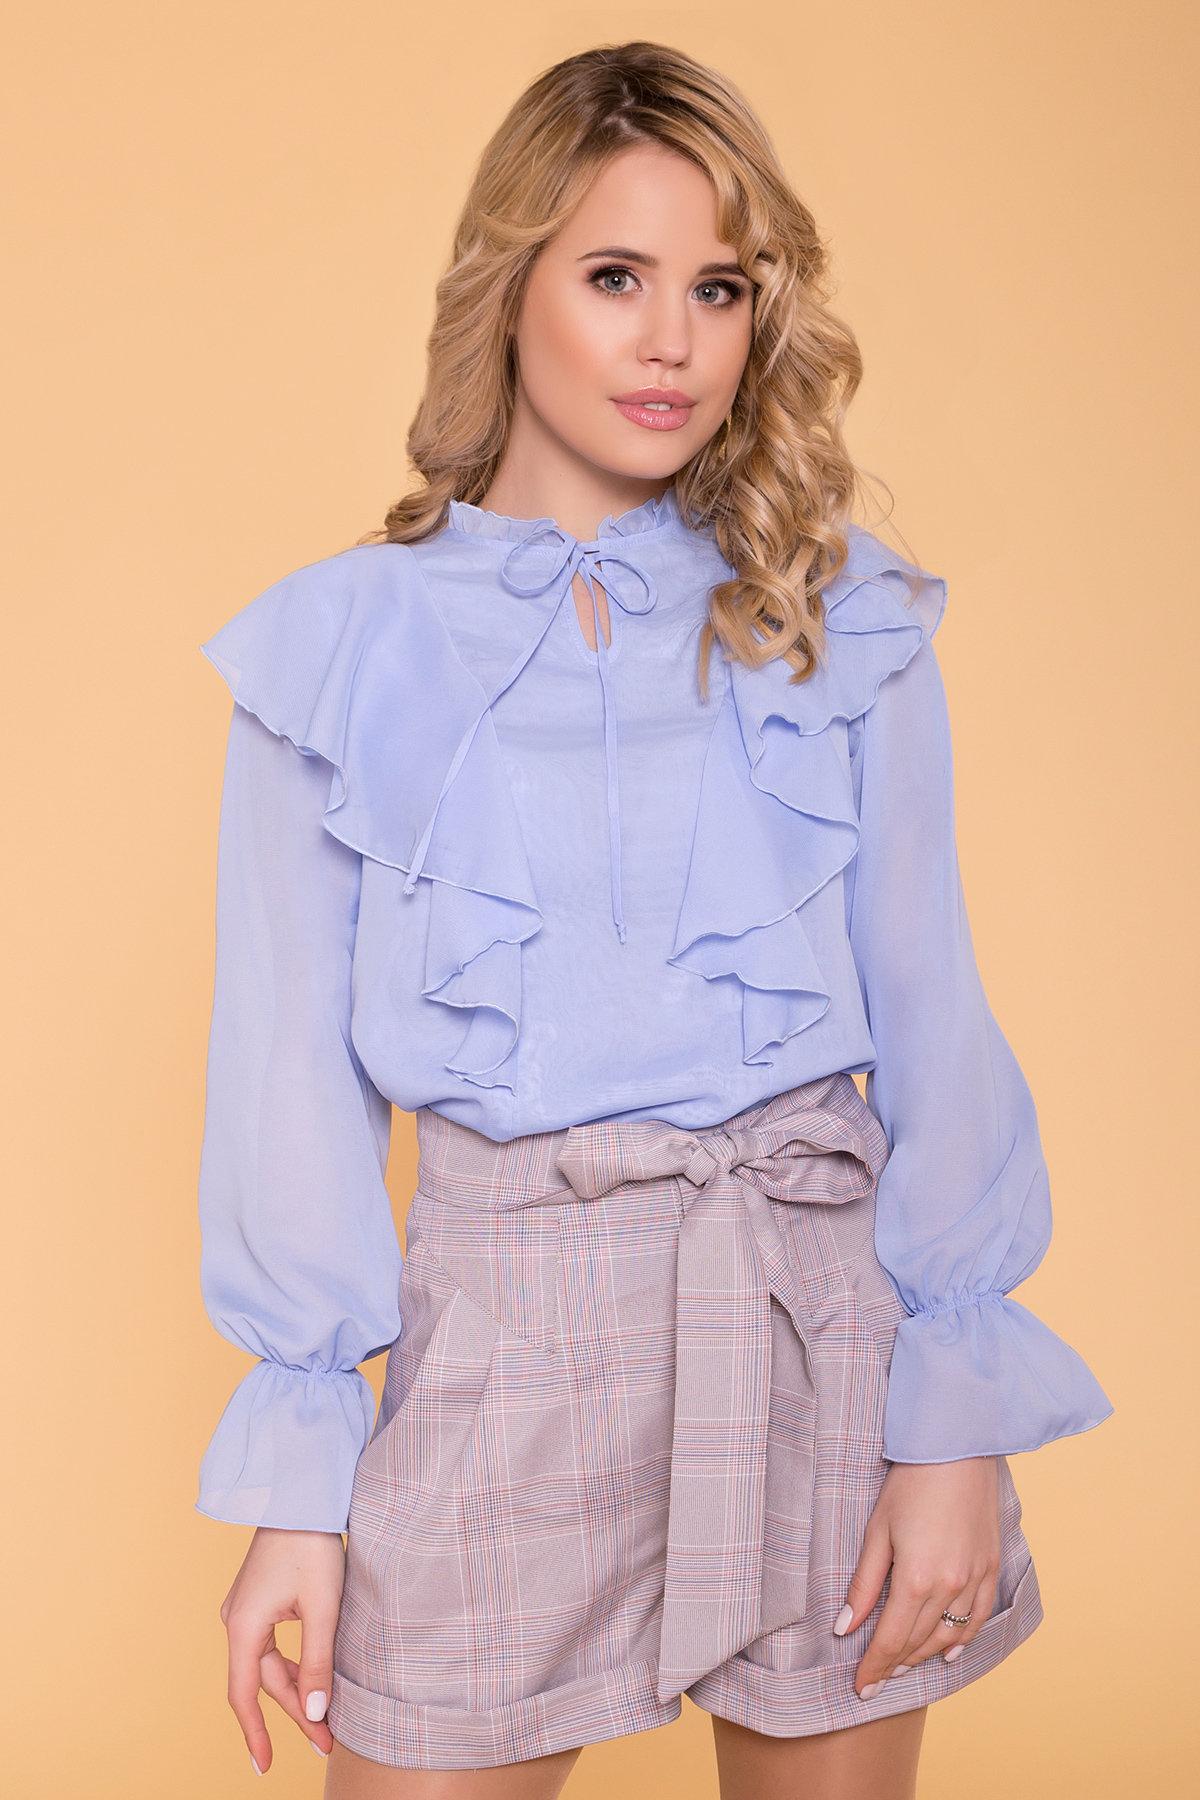 Шифоновая блуза с рюшами Дайан 6754 Цвет: Голубой